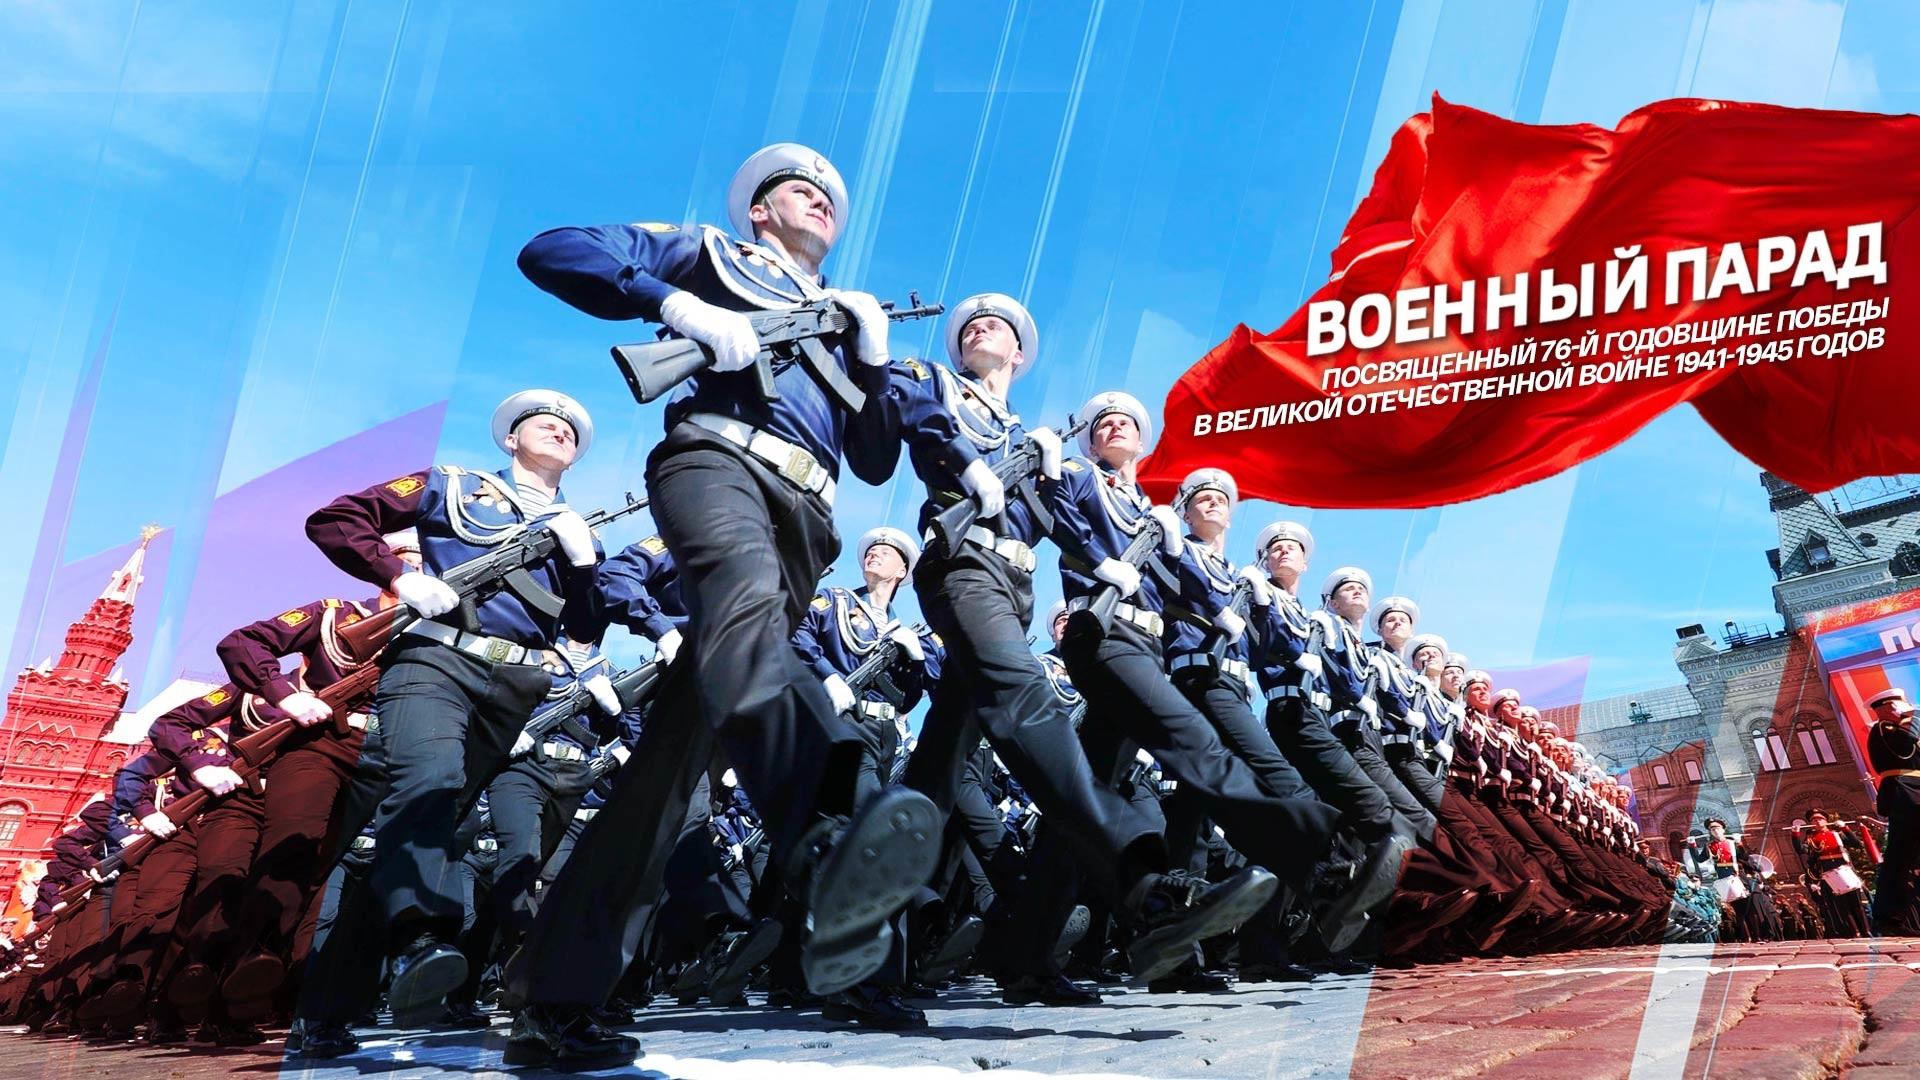 Военный парад, посвященный 76-й годовщине Победы в Великой Отечественной войне 1941-1945 годов